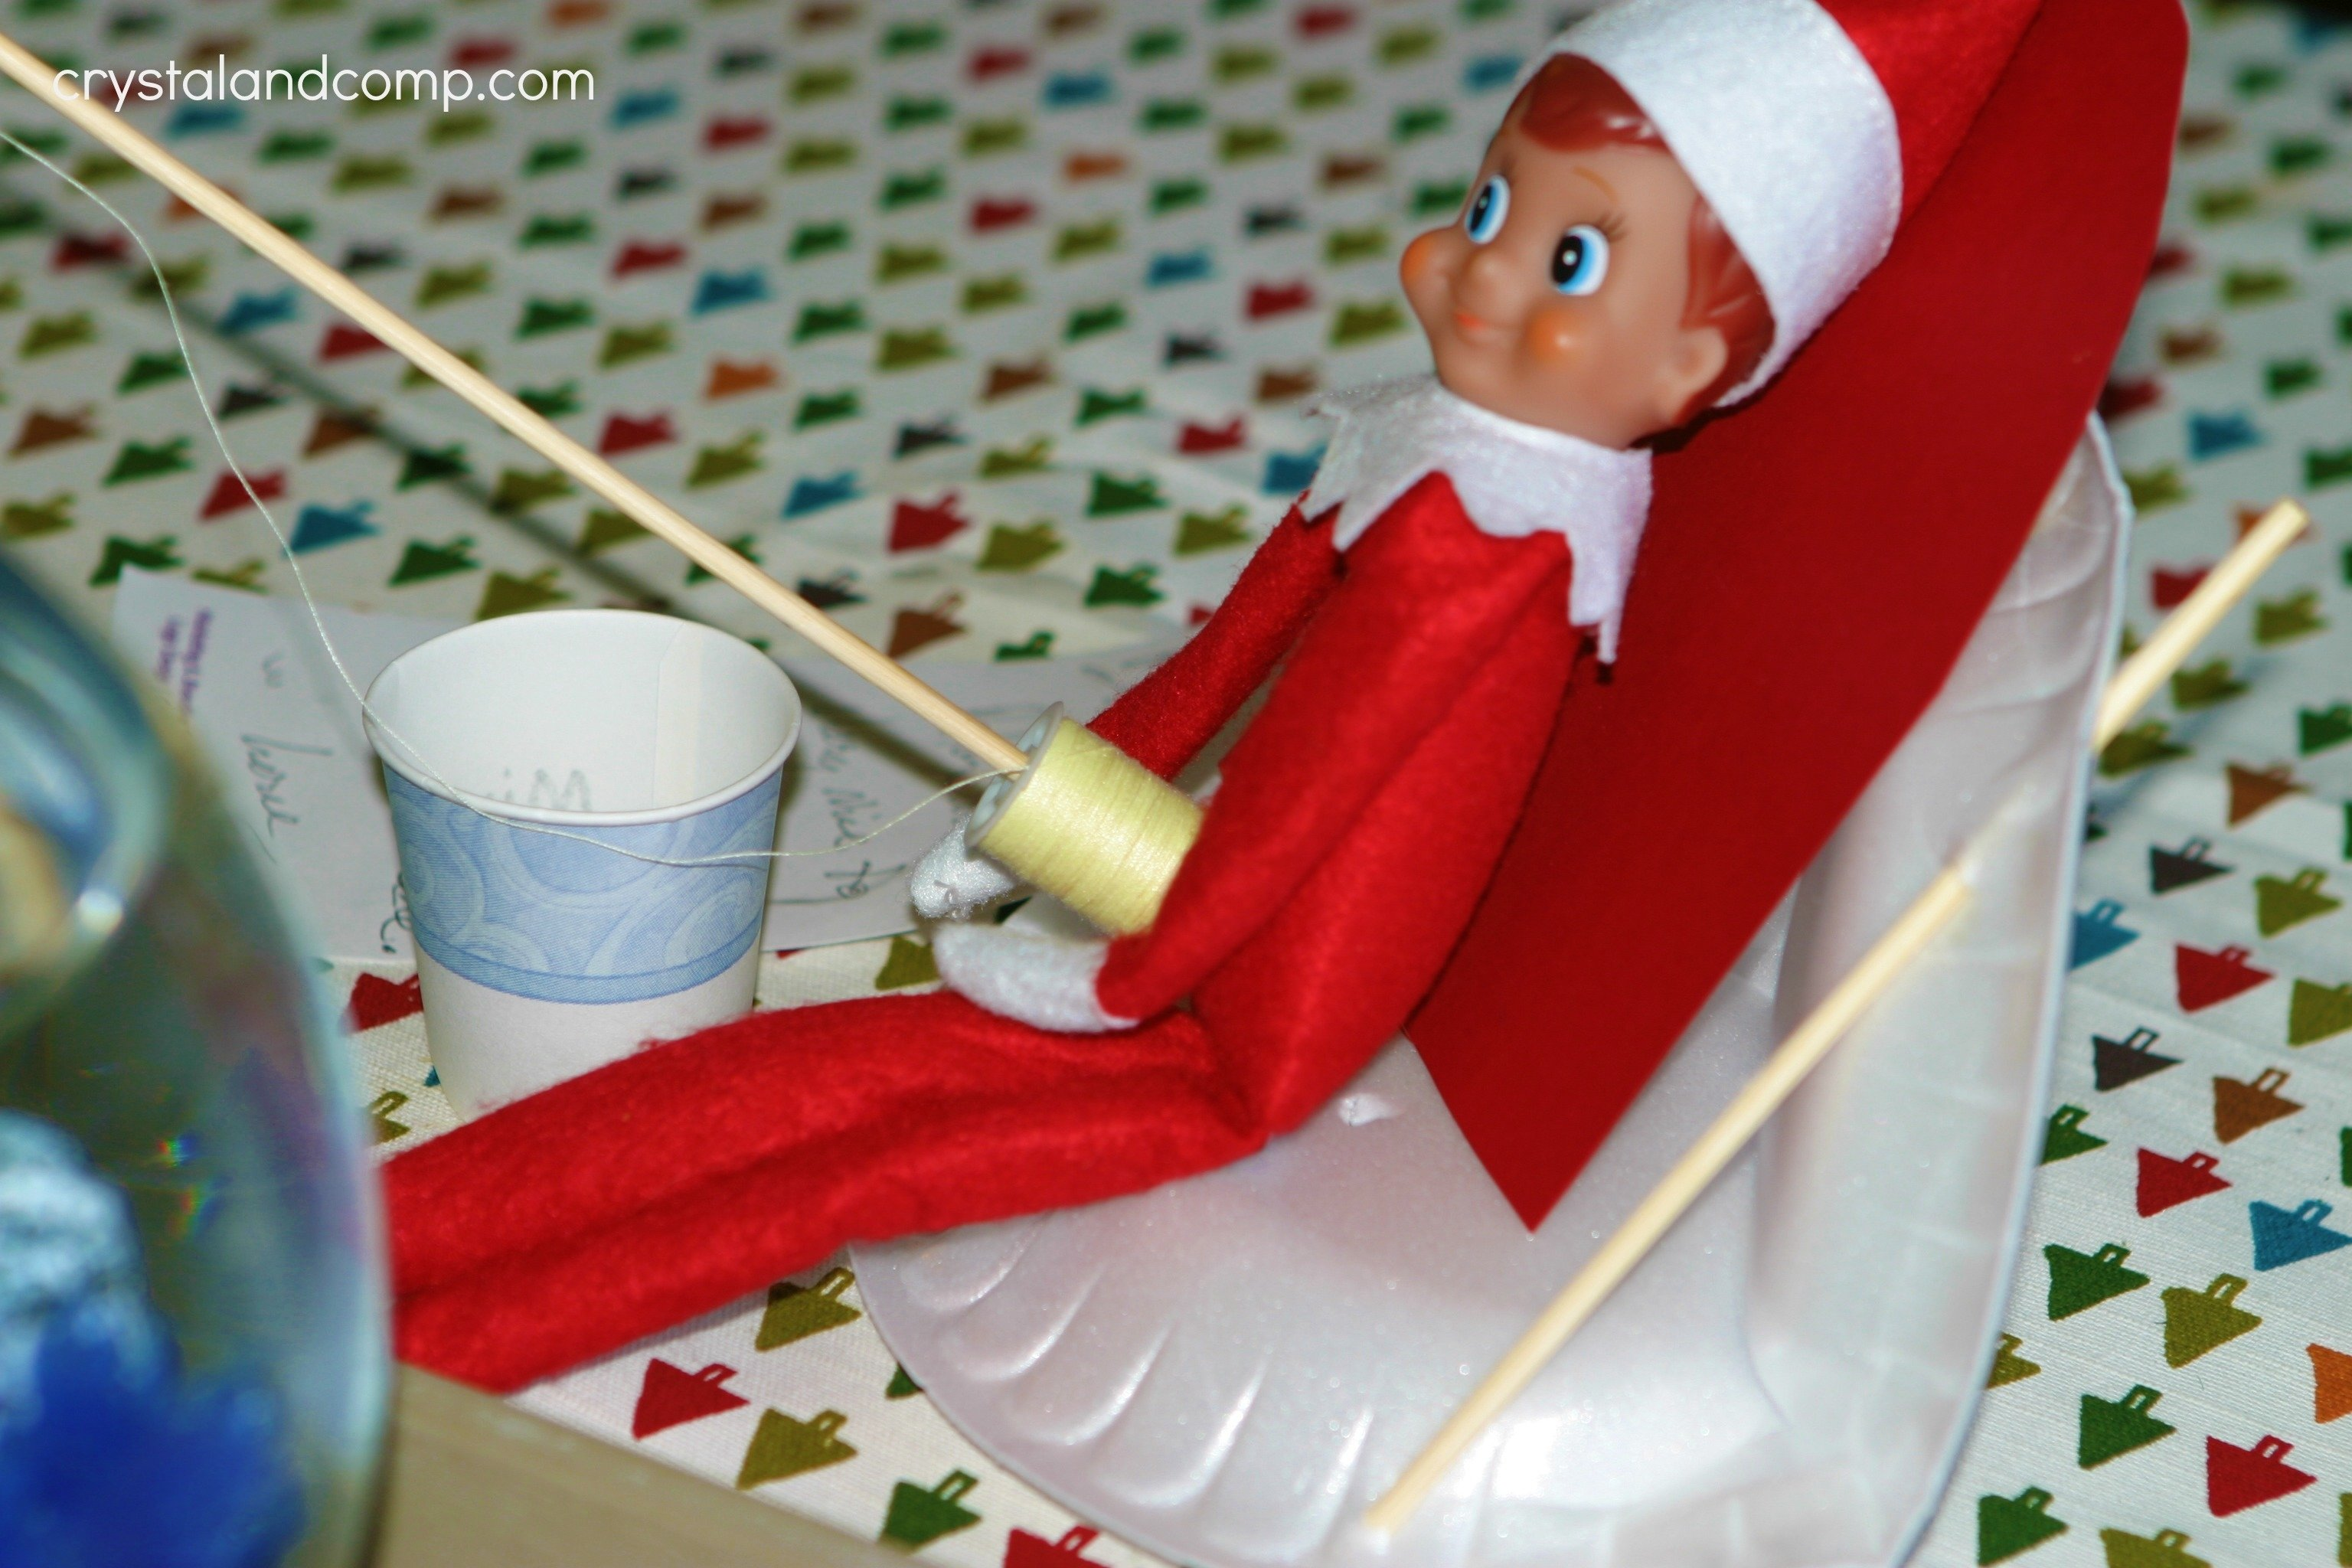 10 Elegant Pinterest Elf On The Shelf Ideas elf on the shelf gone fishing macgyver style crystalandcomp 2020